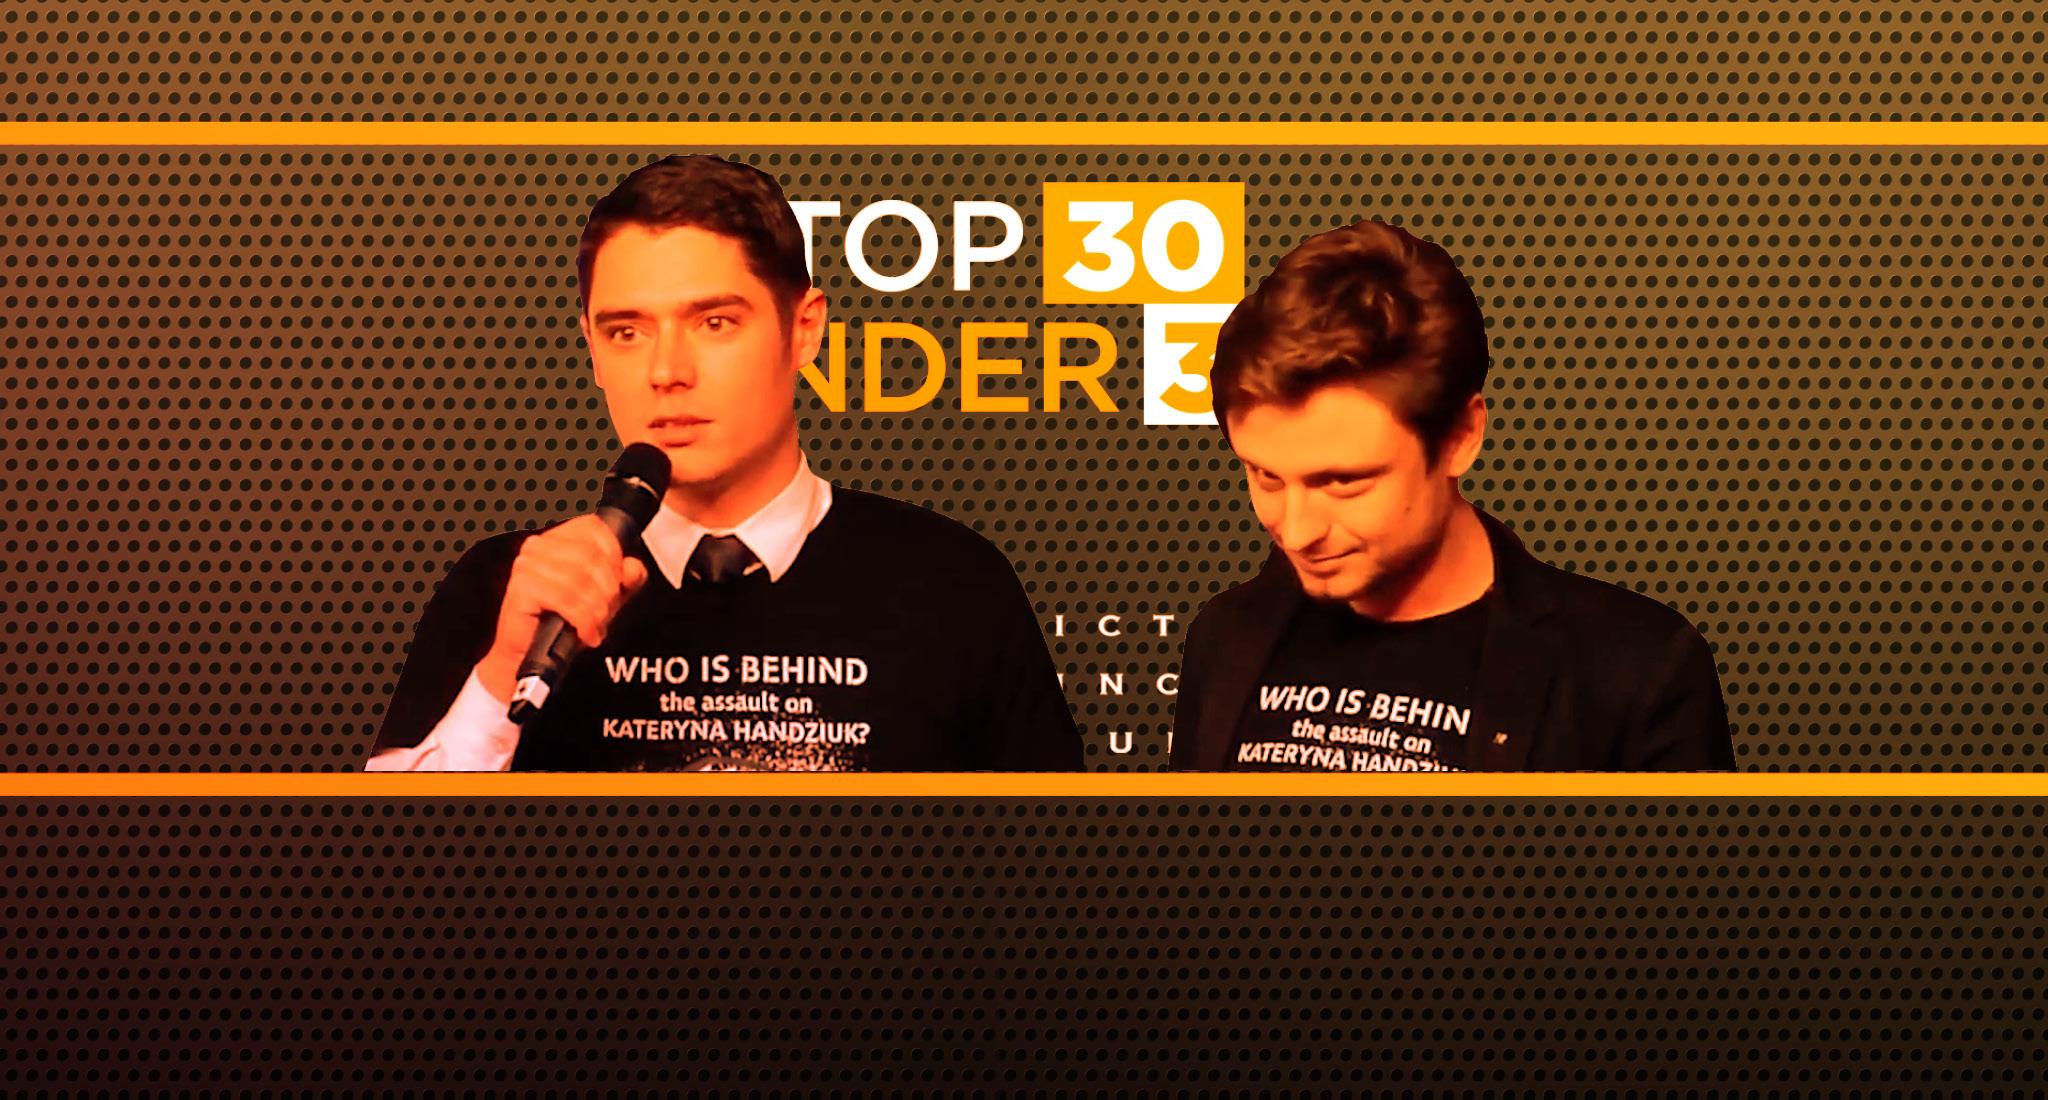 ⚡ Продолжение истории: об отказах от награды на церемонии Top30Under30